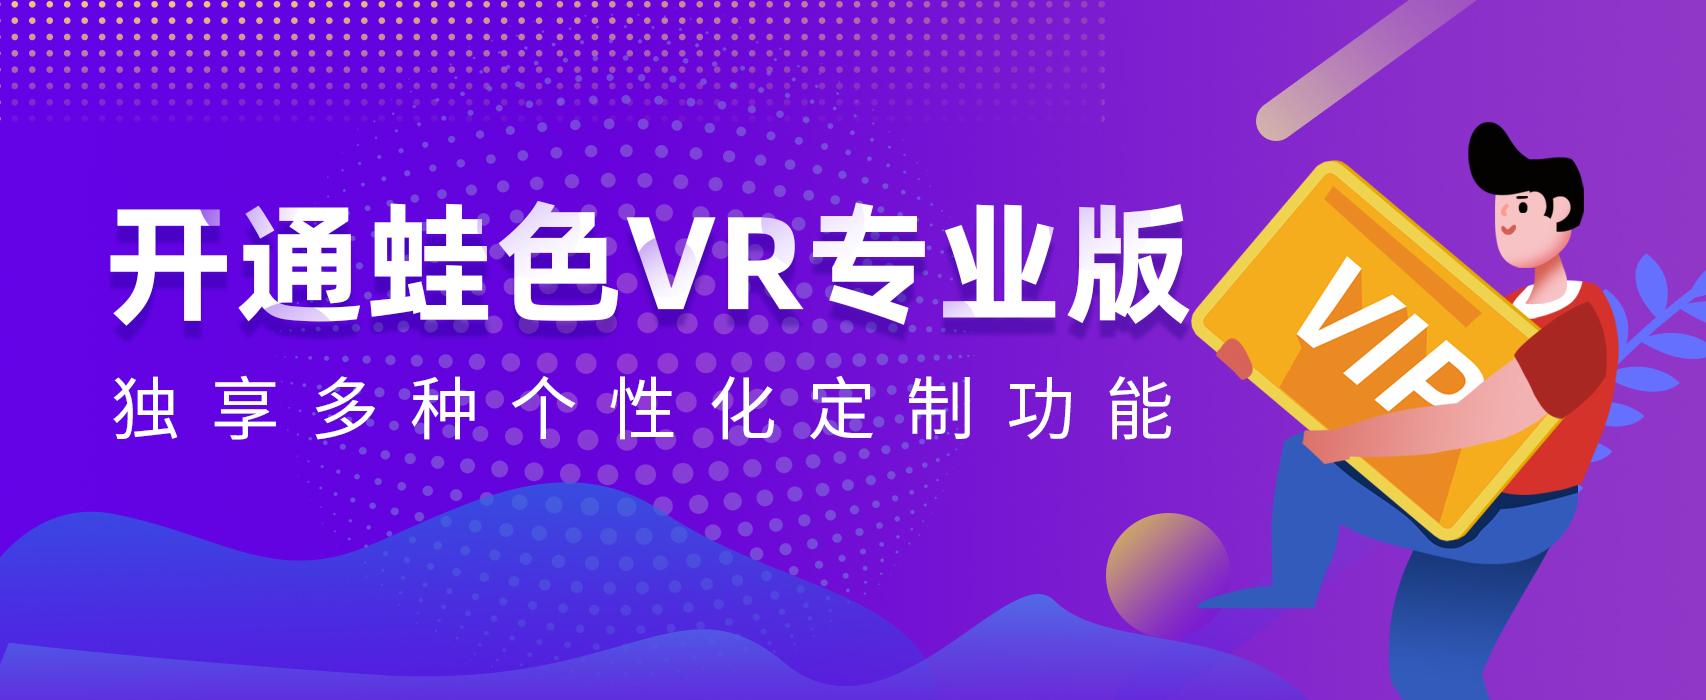 蛙色VR专业版,独享多种个性化功能